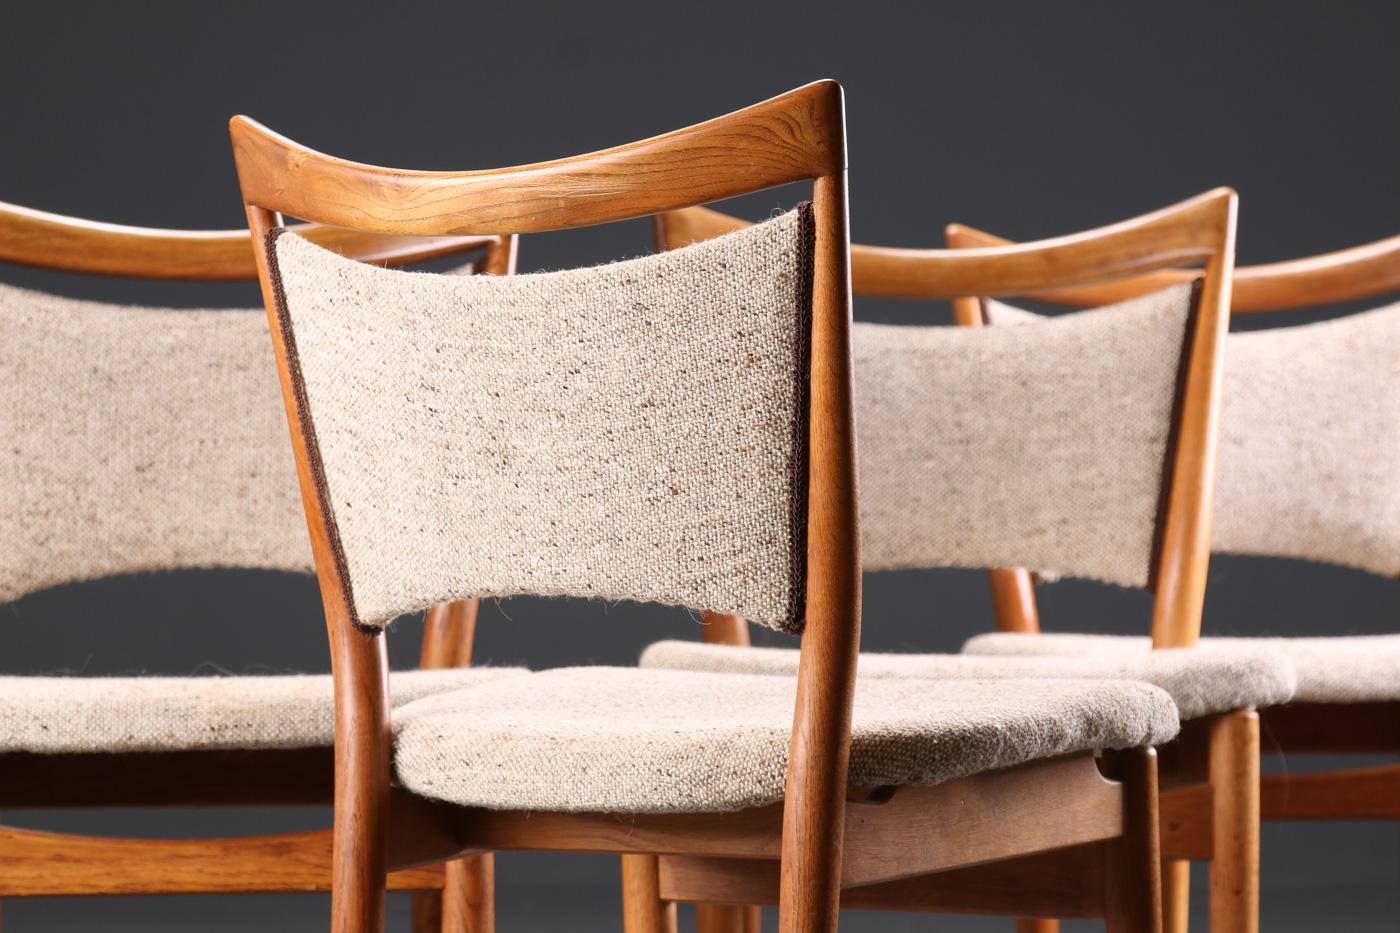 Finn Juhl. Four chairs of oak and teak, model 86 (4)